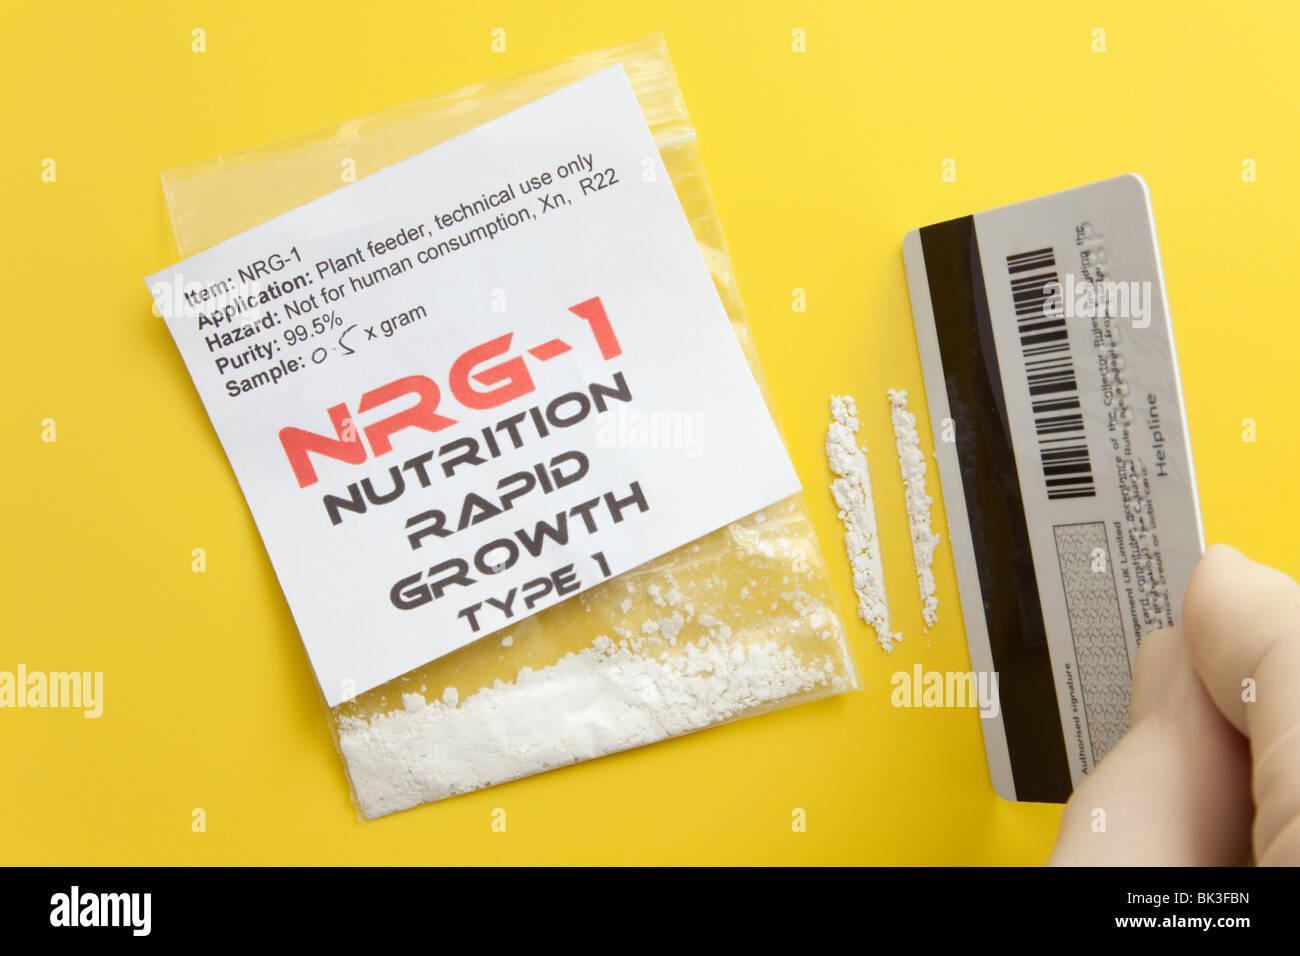 La Grande-Bretagne, Royaume-Uni, Europe. Personne qui fait l'activité par un paquet de NRG-1 aliment végétal, Photo Stock